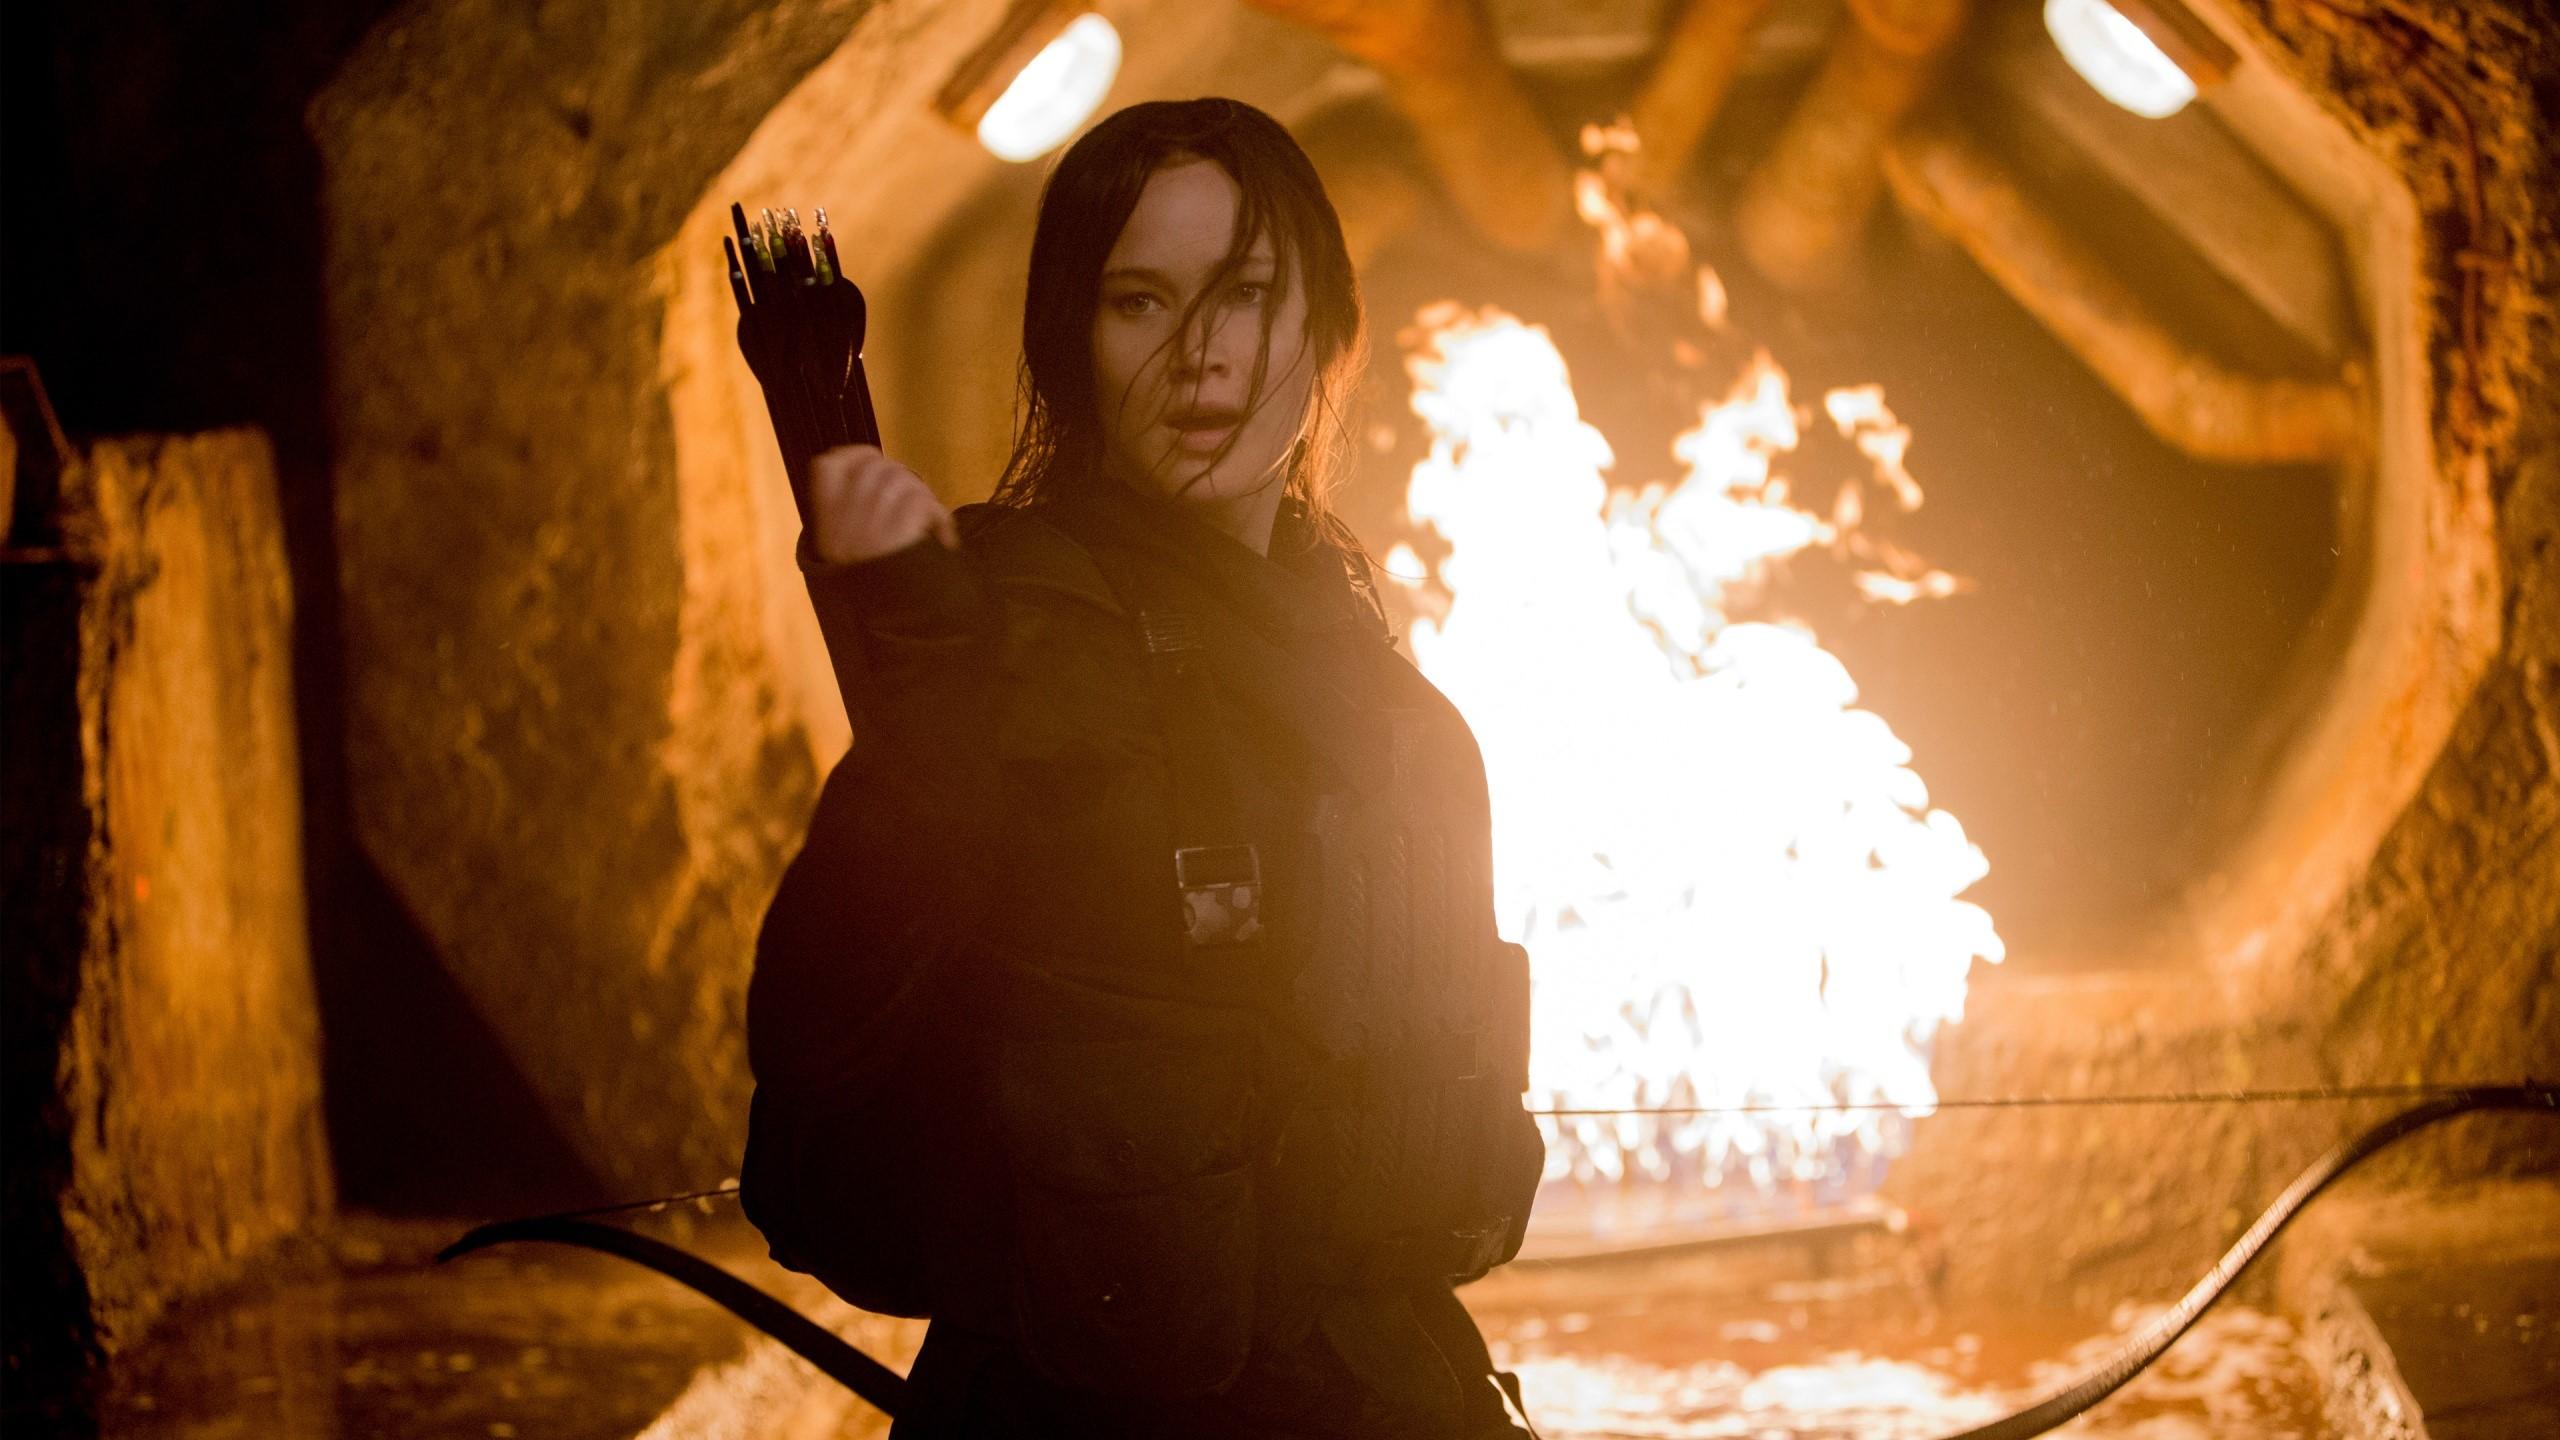 Fondo de pantalla de Katniss lanzando una flecha Imágenes